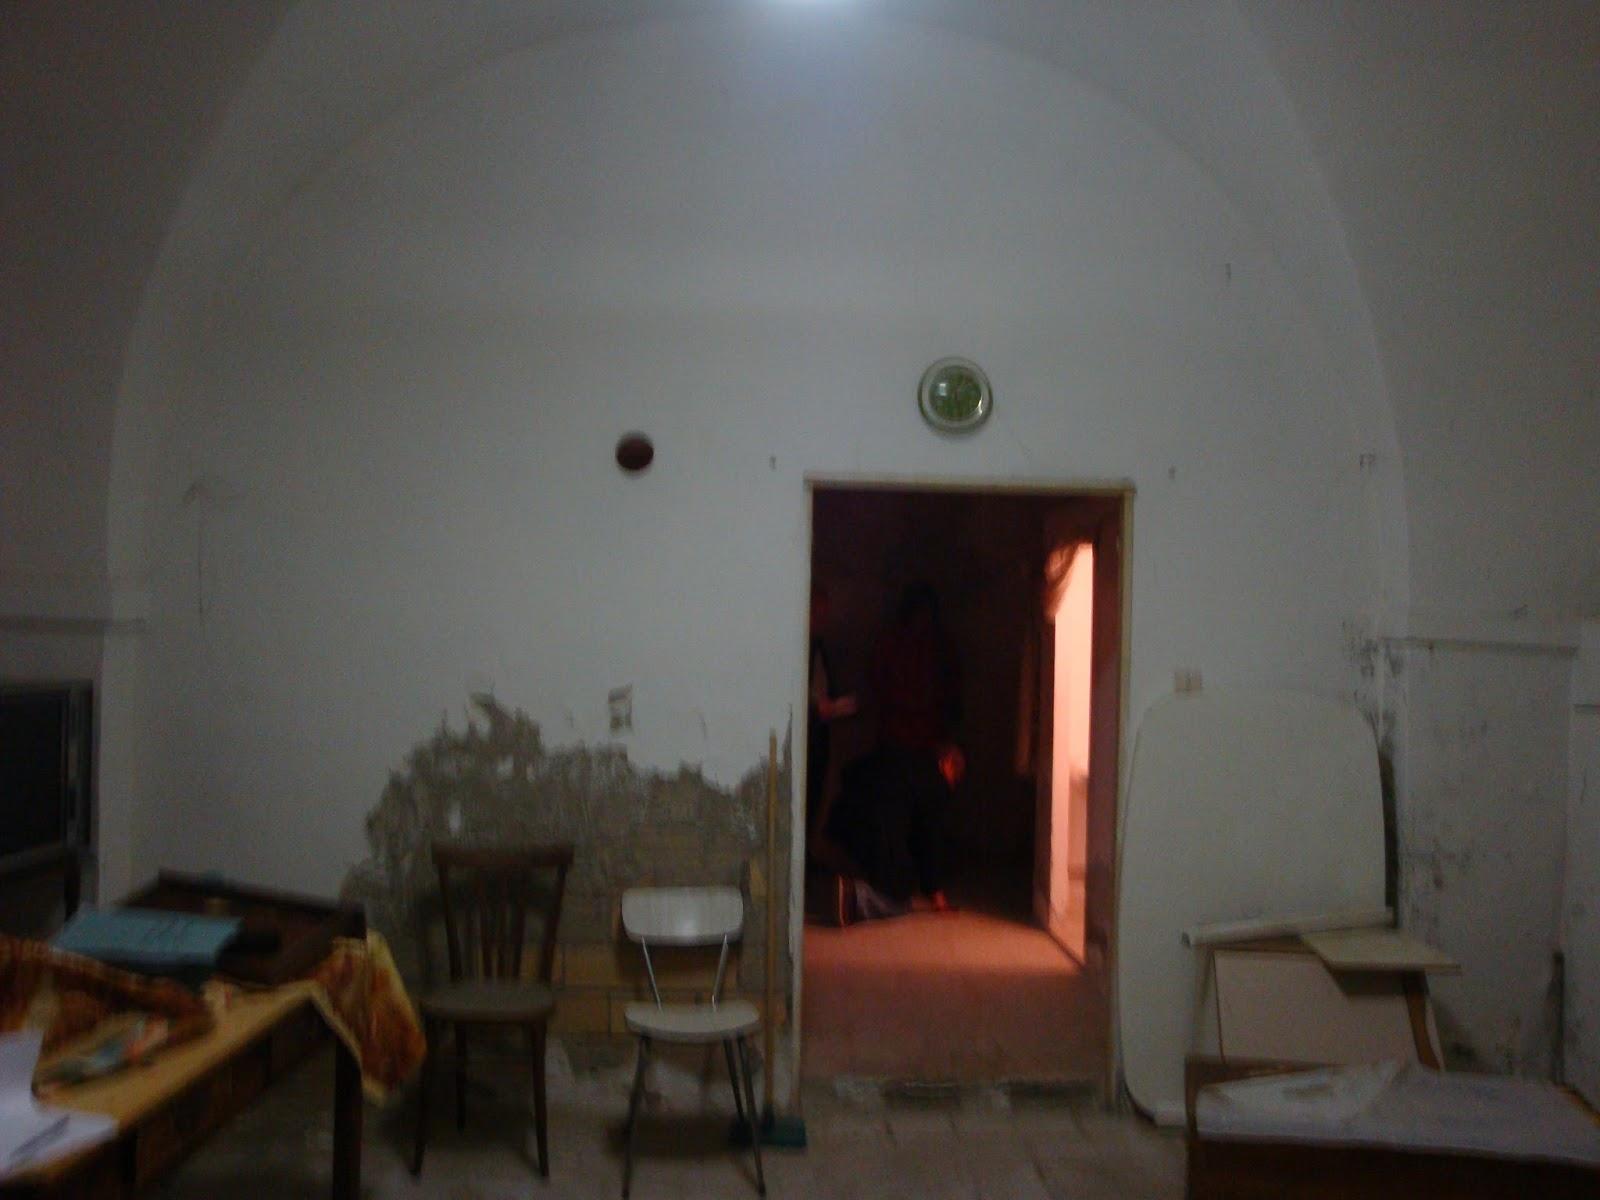 Unelma todeksi  talo Italiasta Unelma todeksi  mökki Italiasta  tältä se